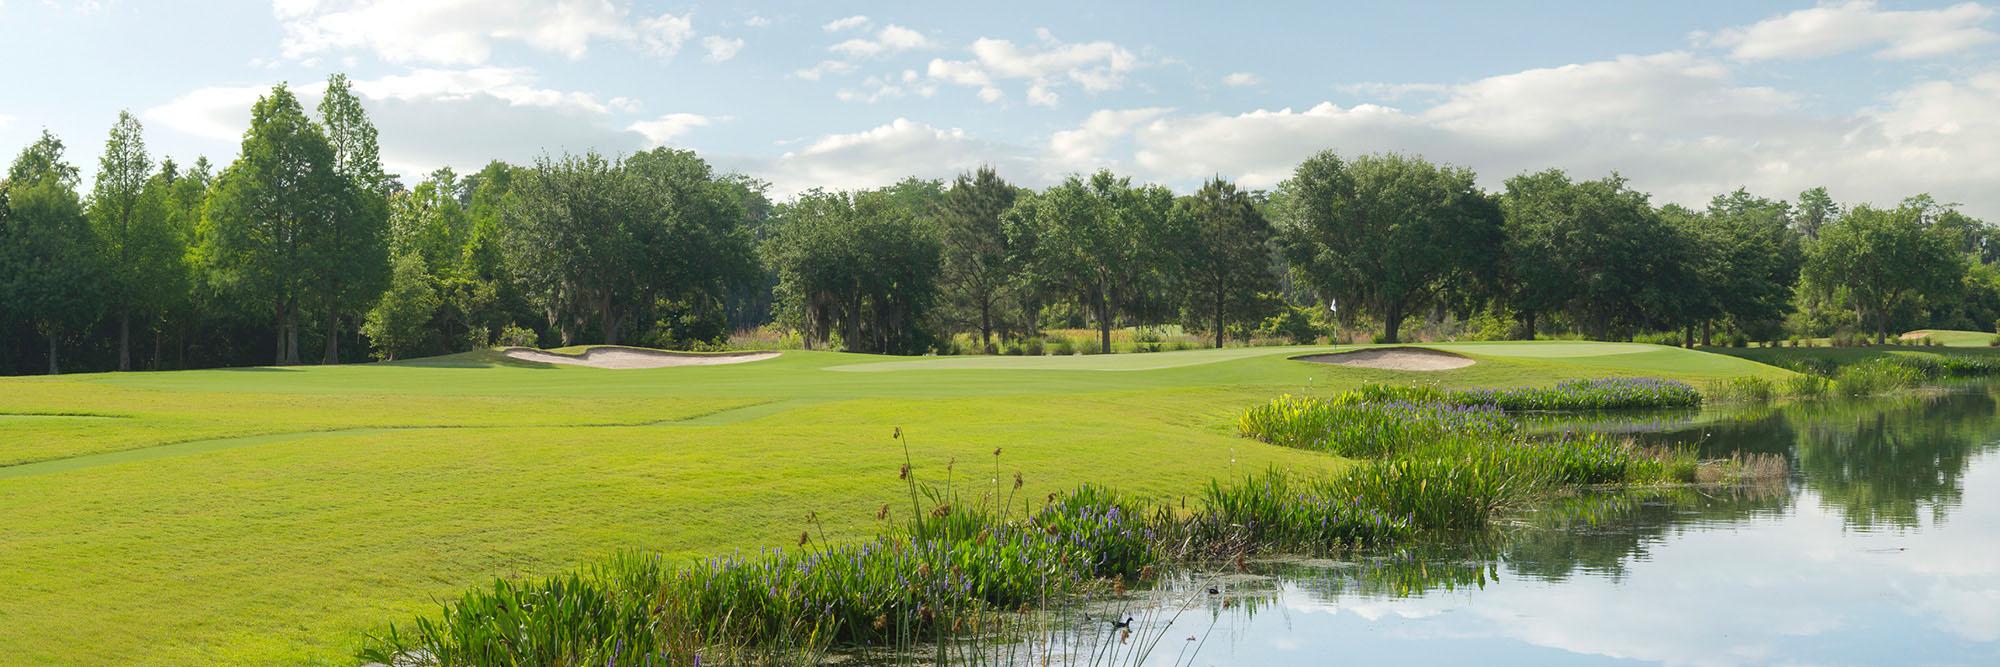 Golf Course Image - Ritz-Carlton Orlando No. 12